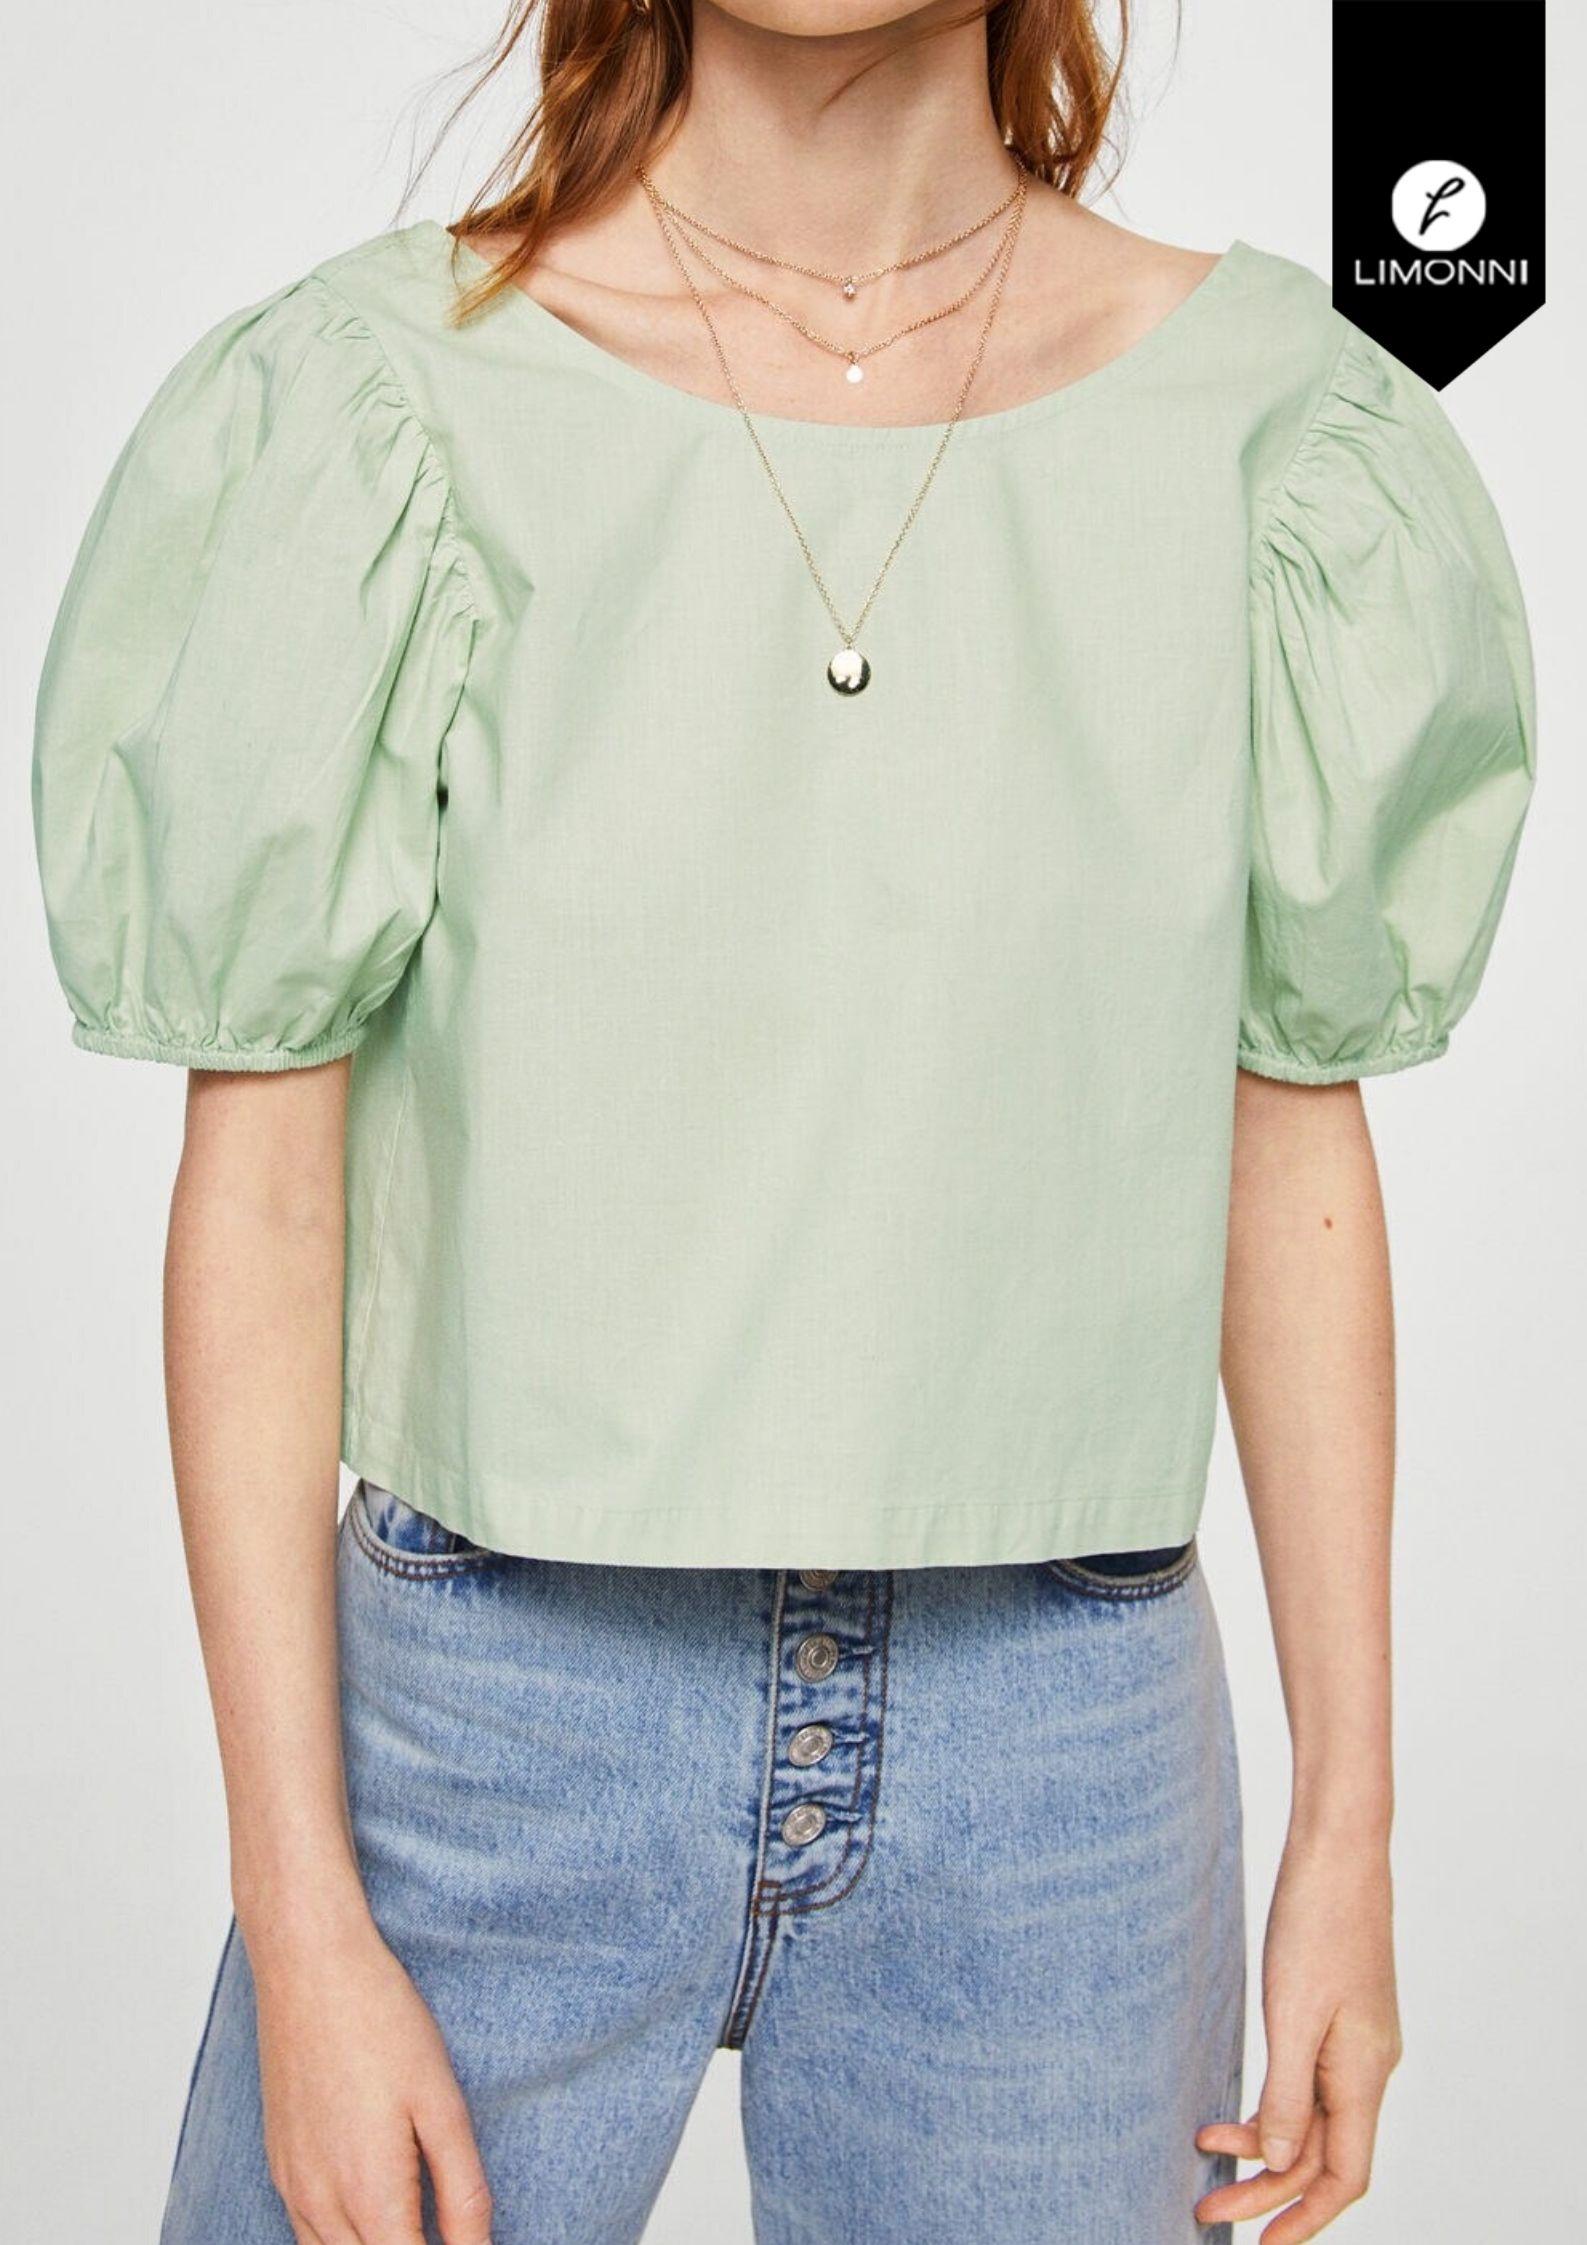 Blusas para mujer Limonni Visionary LI3092 Casuales